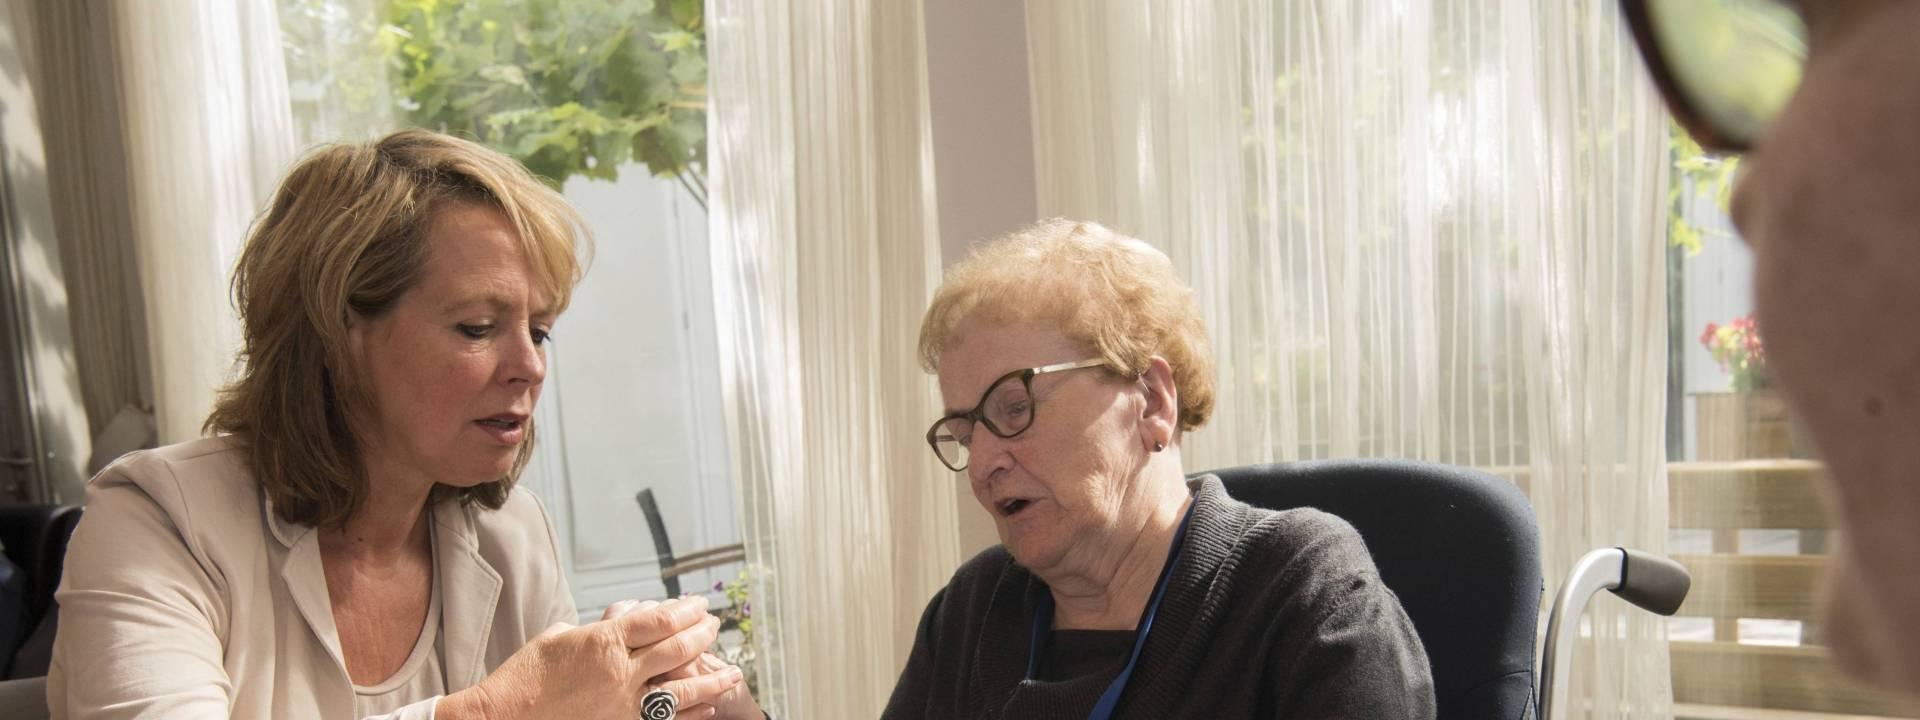 Vrijwilliger/mantelzorger samen met cliënt aan tafel bij La Famille